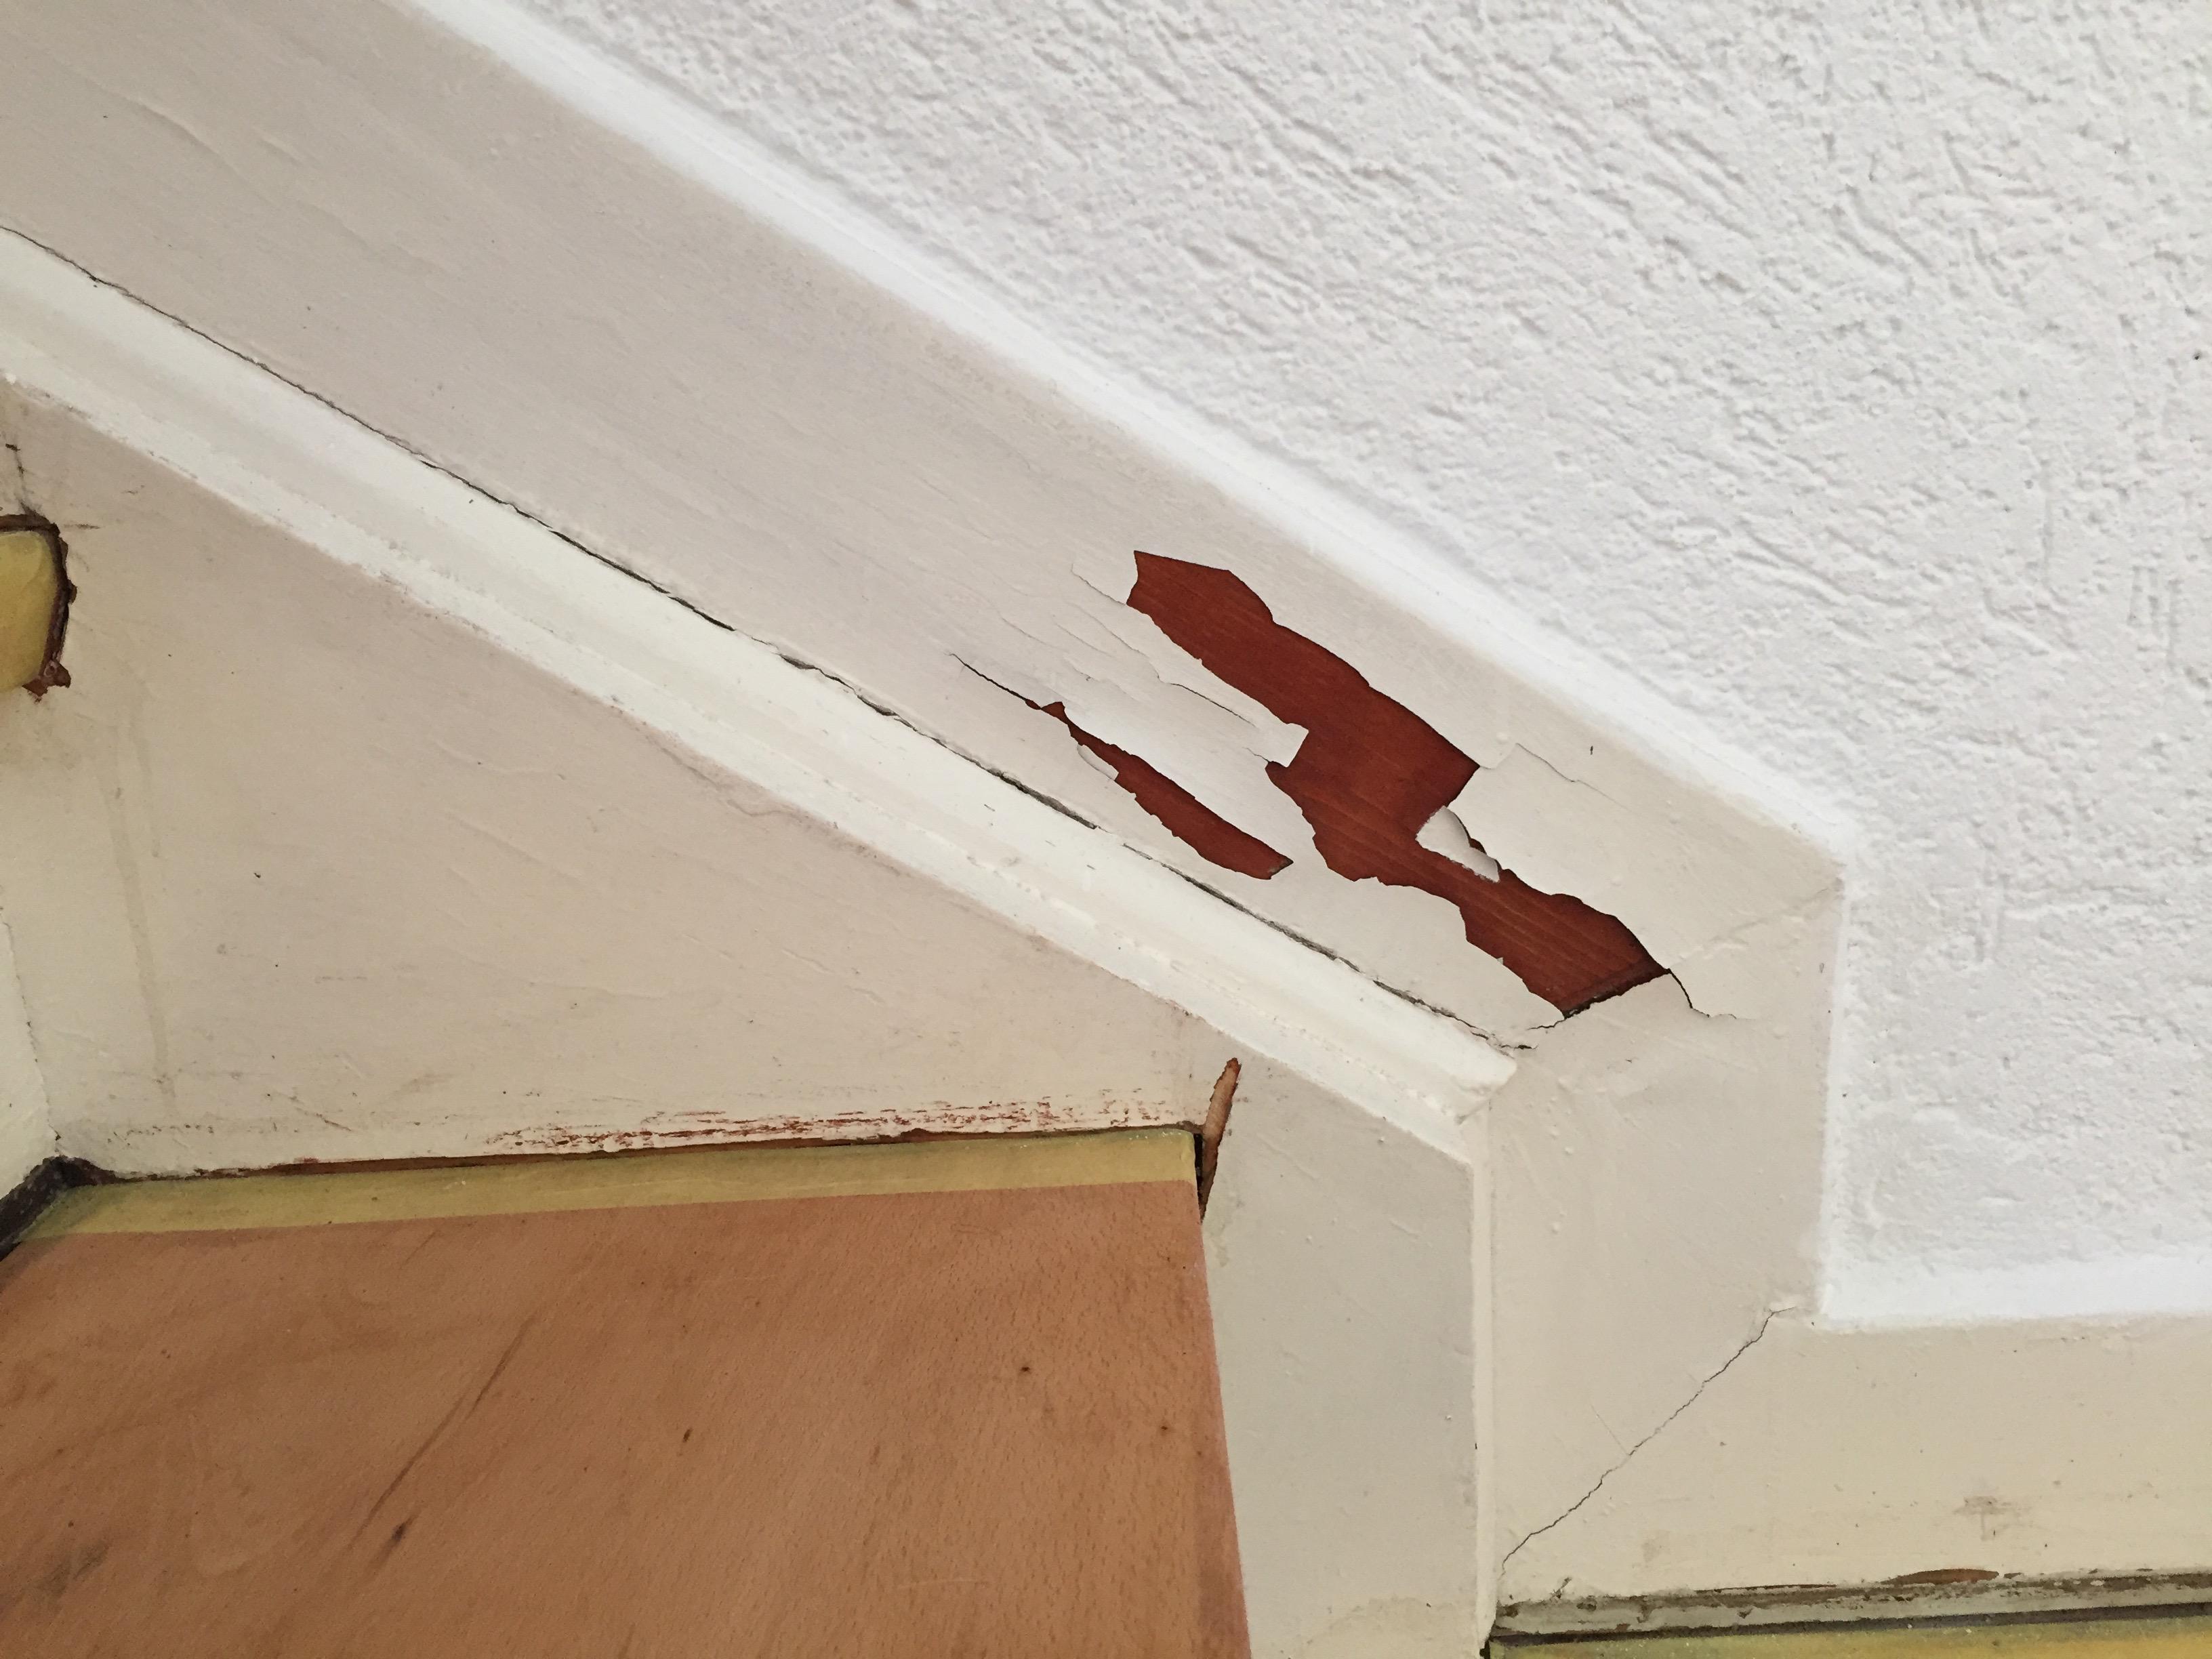 Ich möchte in meinem Treppenhaus den Handlauf/ das Geländer abschleifen und anschließend neu ...